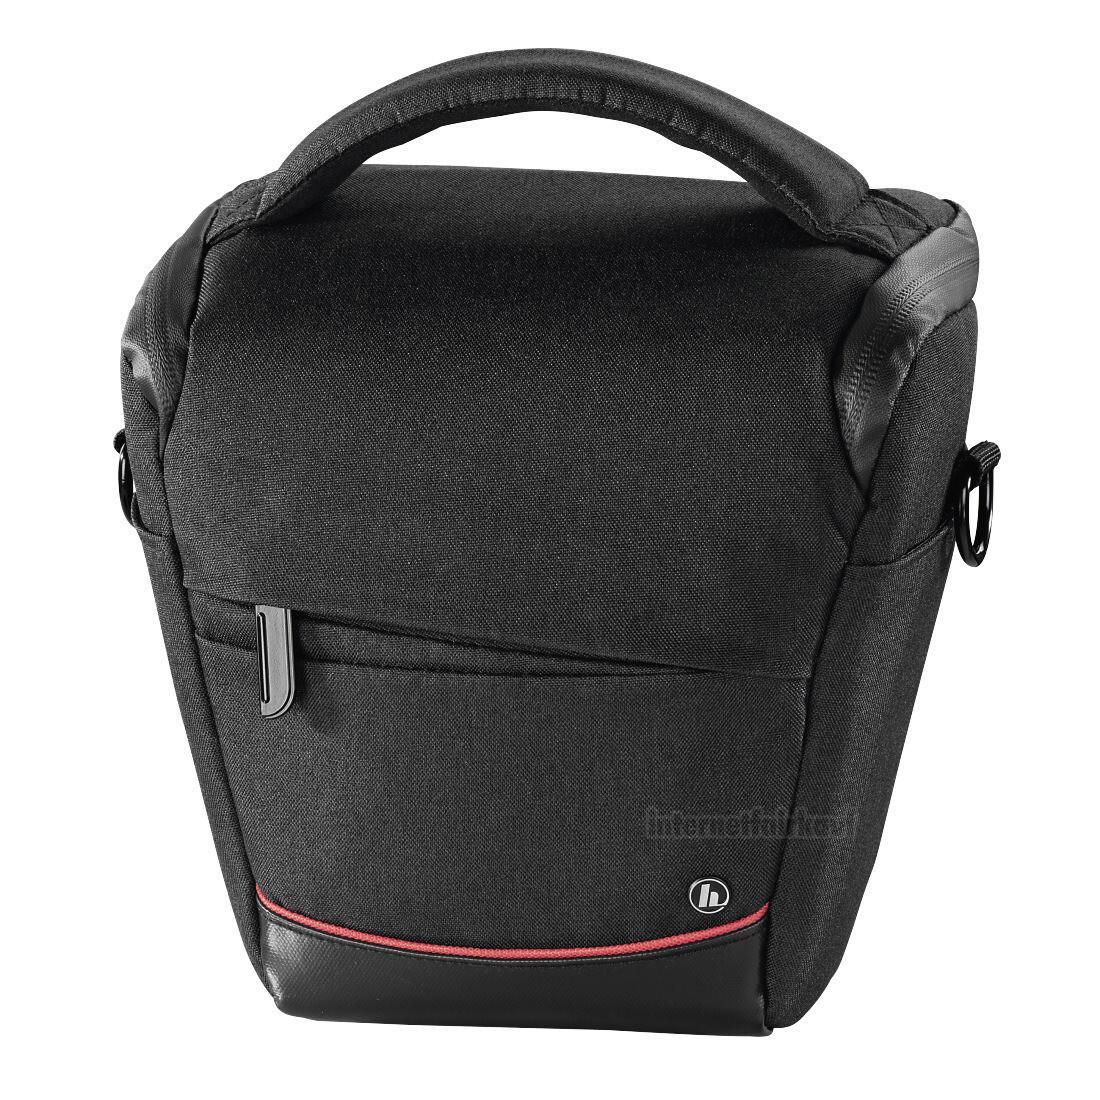 Hama Kameratasche Fototasche passend für Sony DSC-RX10 DSC-RX10 I II